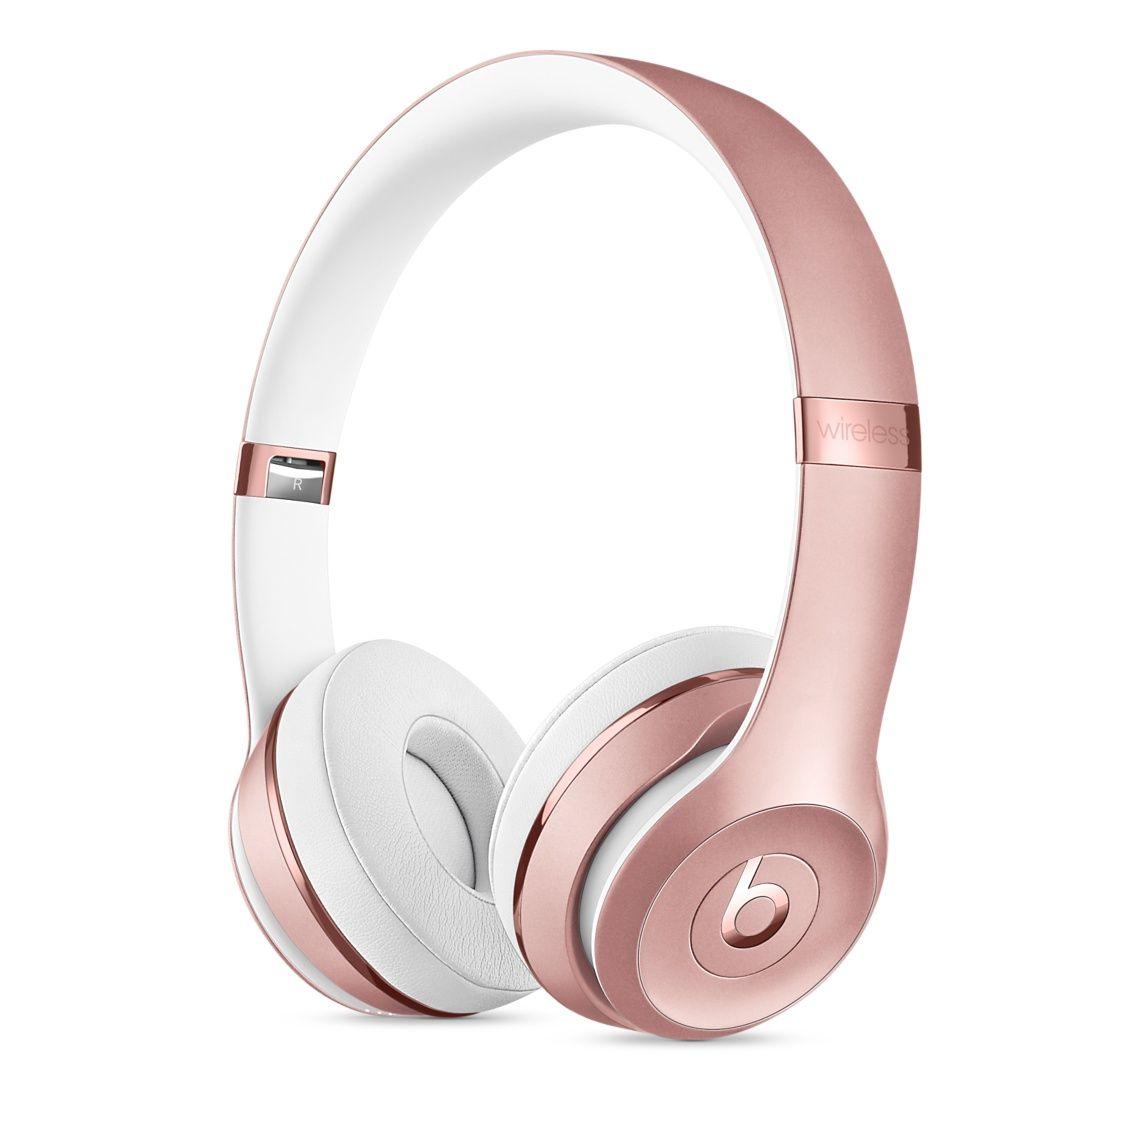 Beats Solo3 Wireless On Ear Headphones Rose Gold Apple Headphones Gold Headphones Wireless Headphones